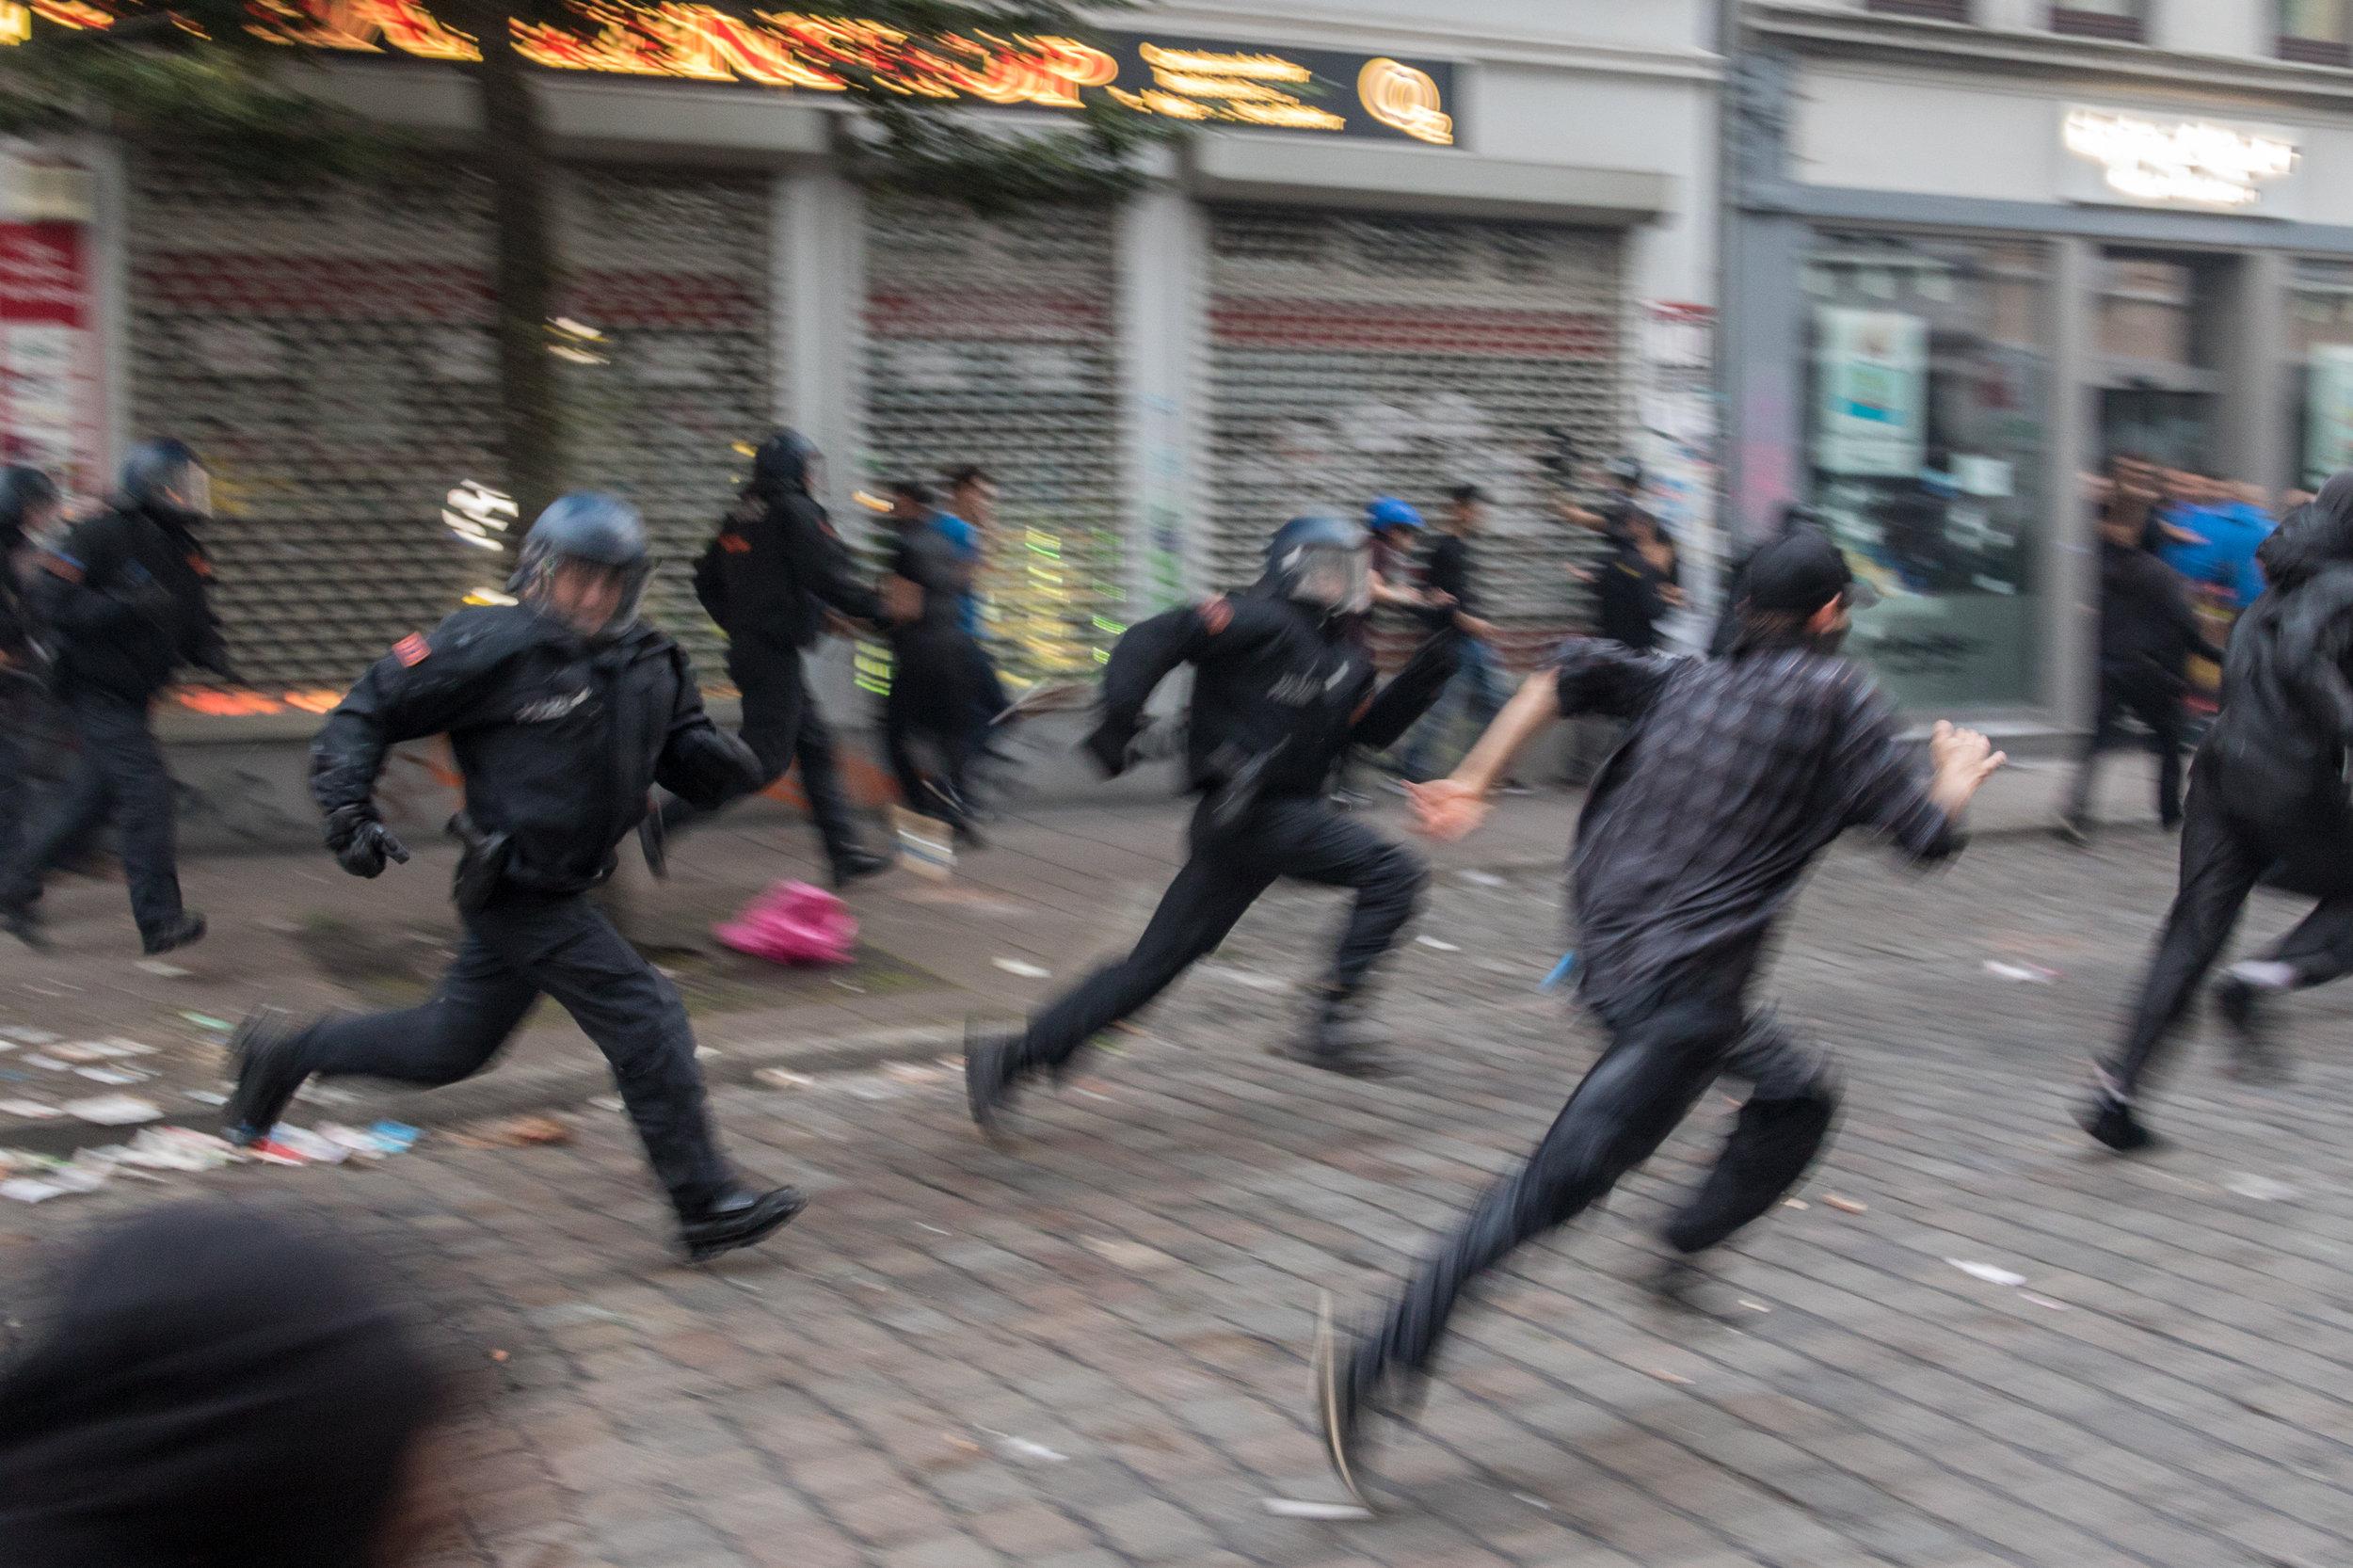 Polizei verfolgt Menschen.jpg